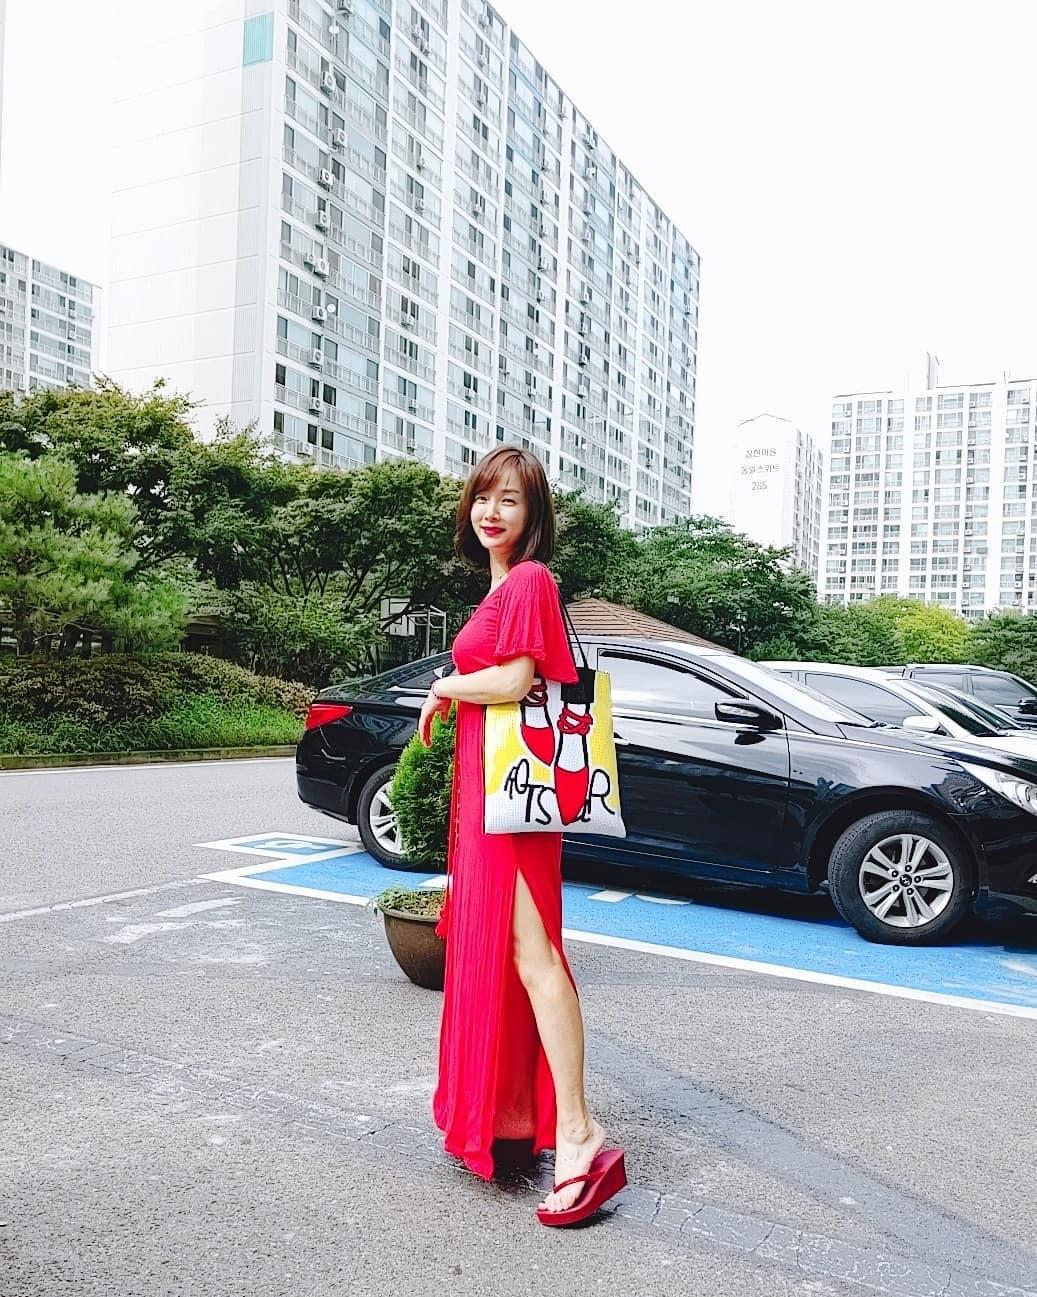 유경아, 강렬한 컬러 돋보이는 원피스 패션…'각선미 자랑'